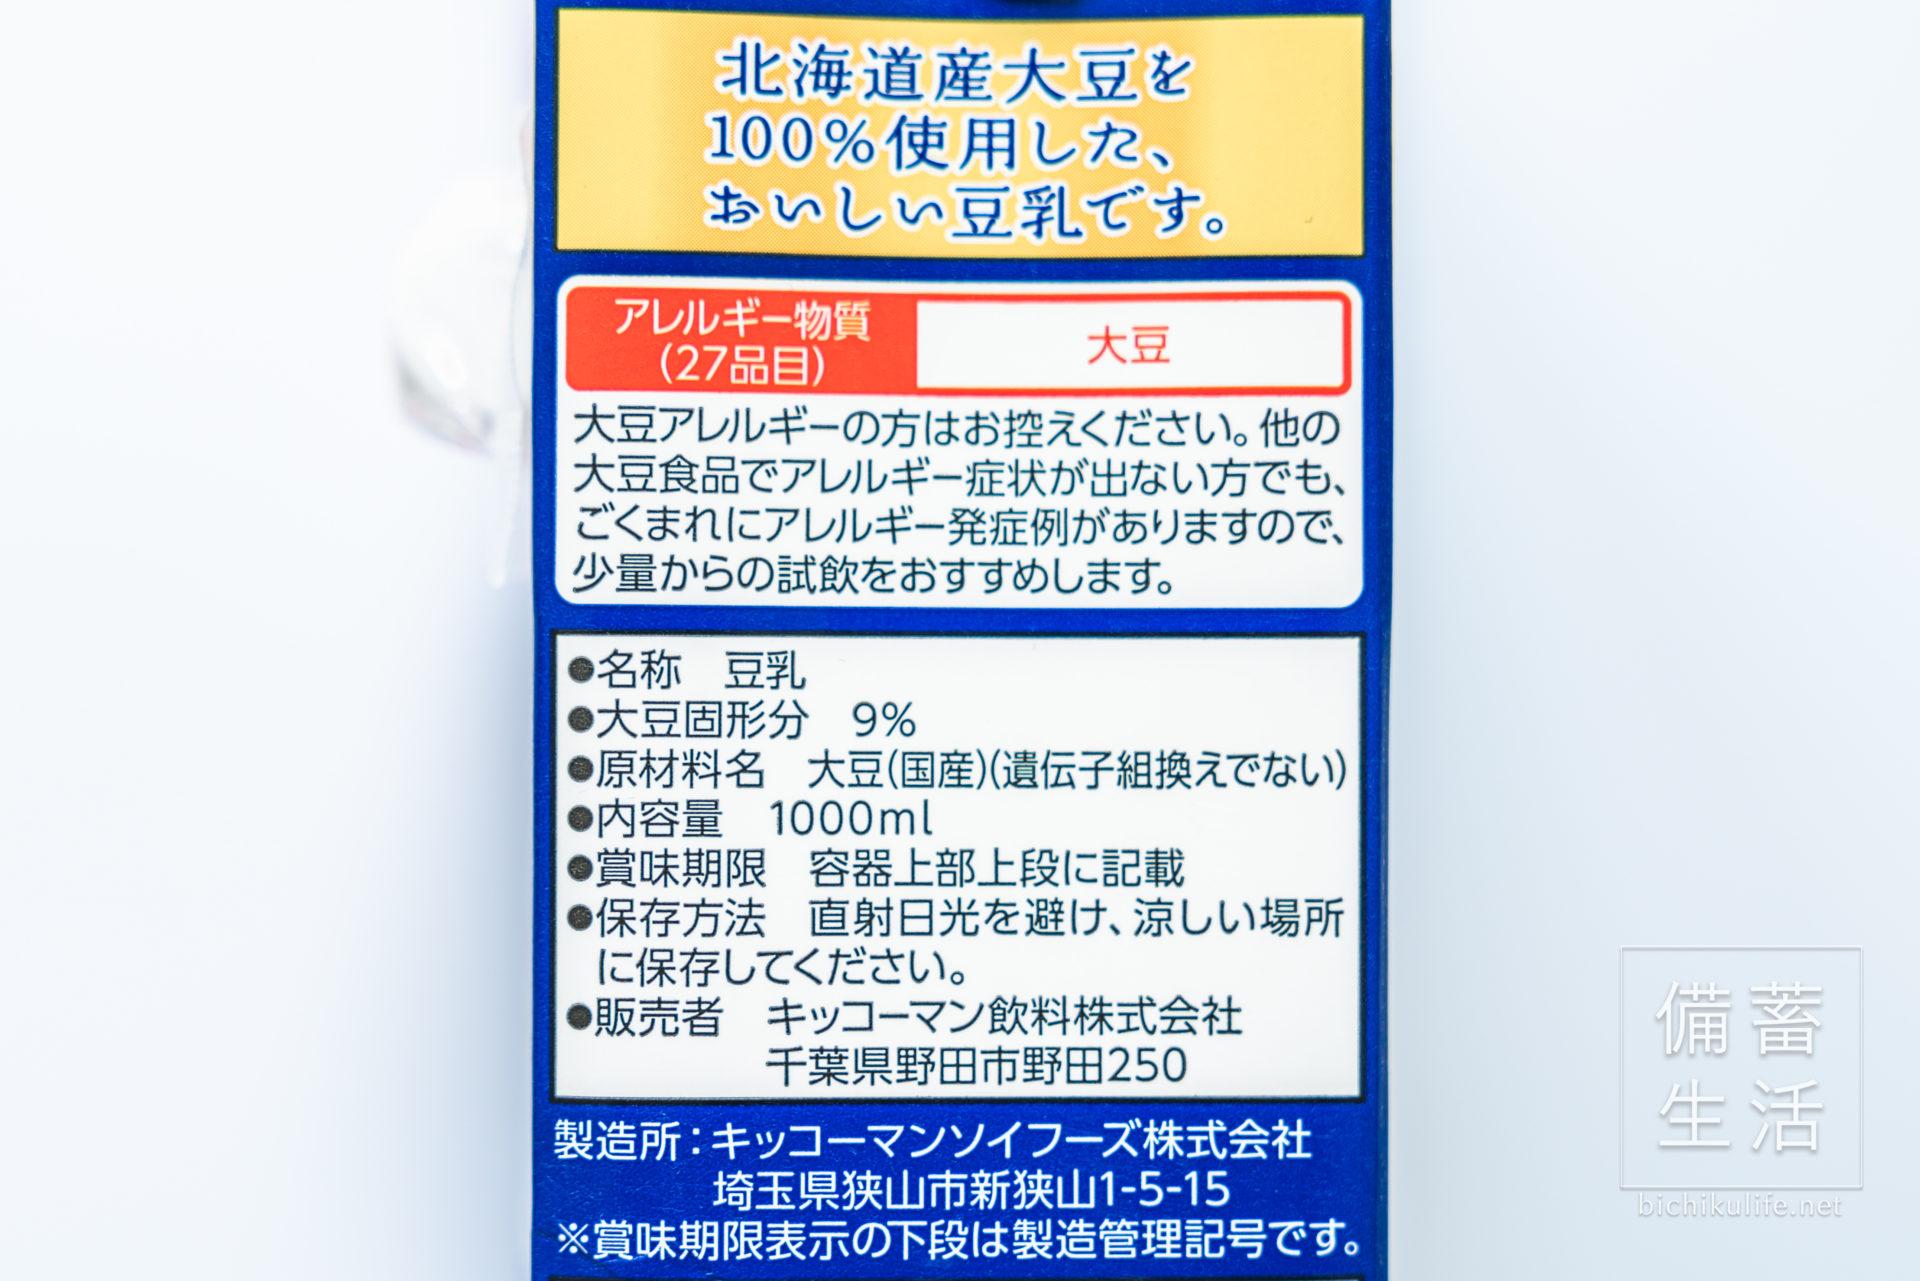 キッコーマン豆乳 北海道産大豆 無調整豆乳の原材料